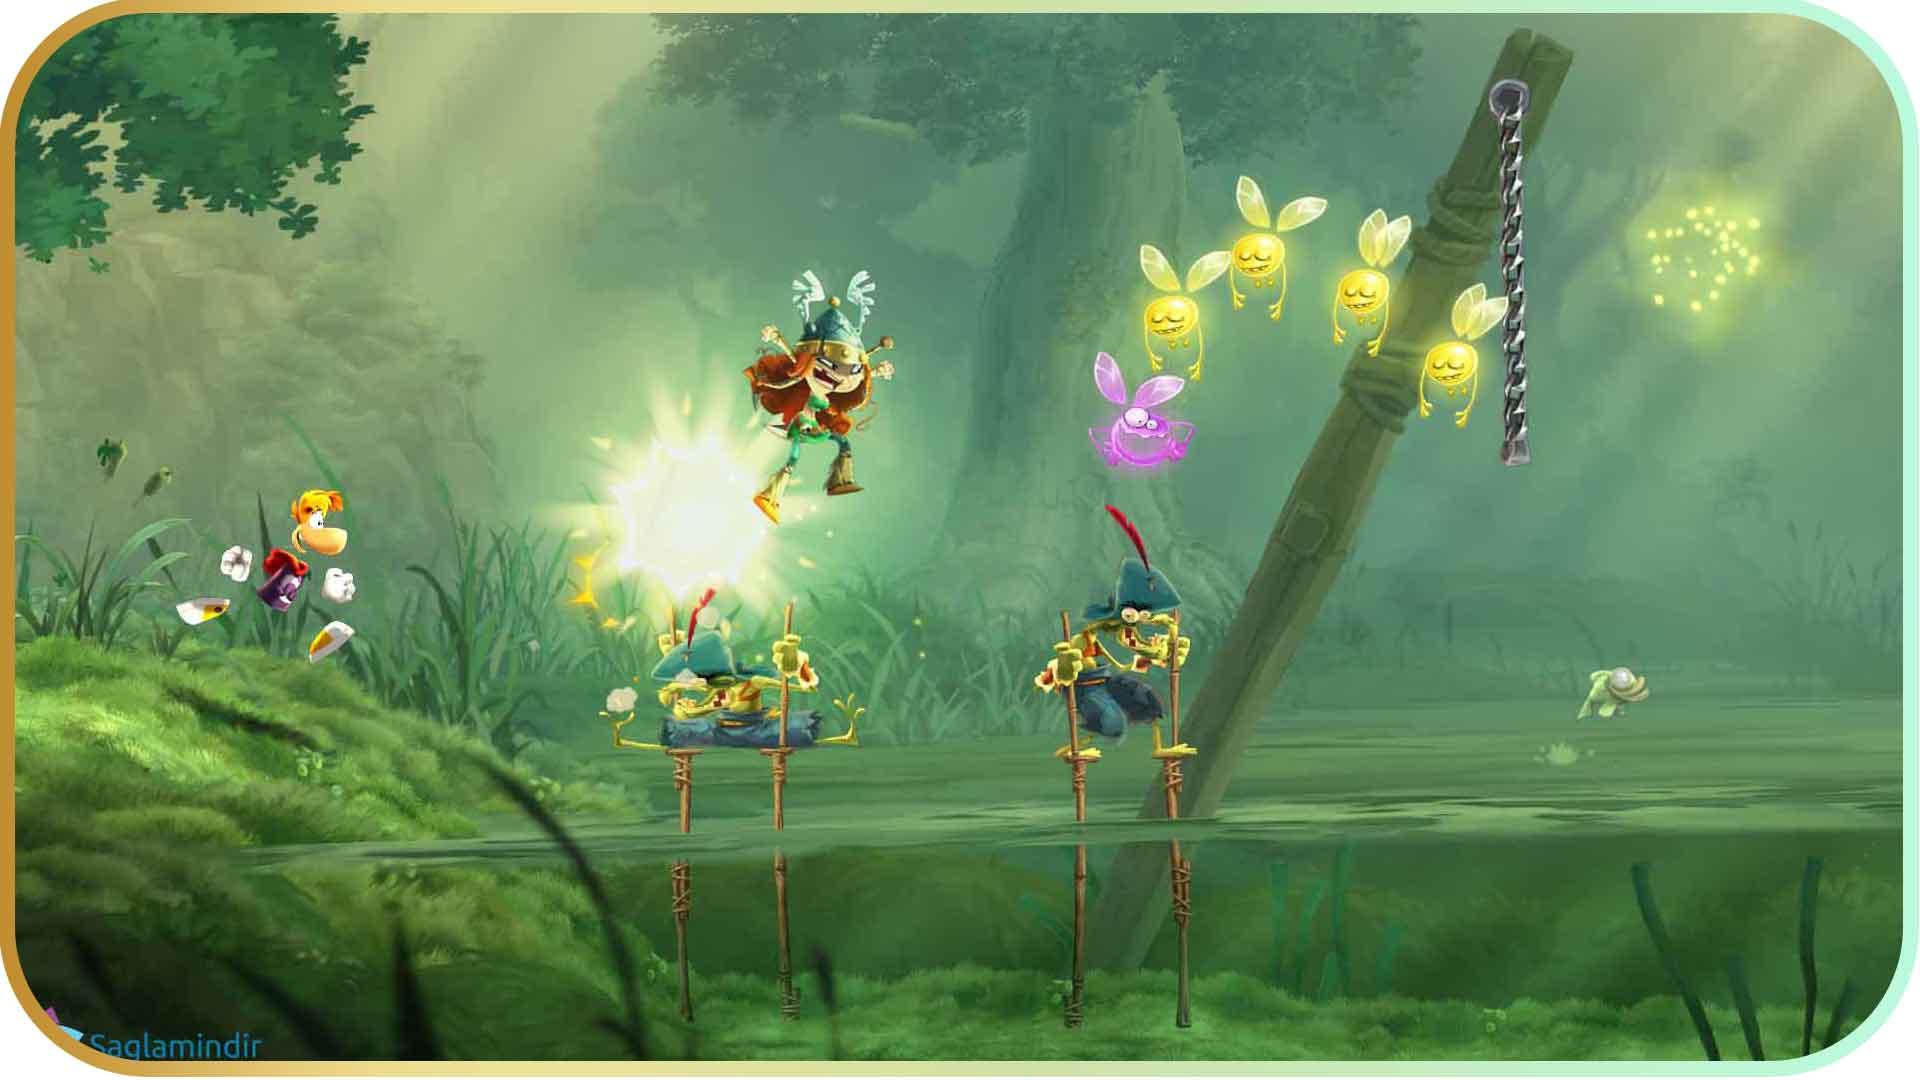 Rayman Origins saglamindir